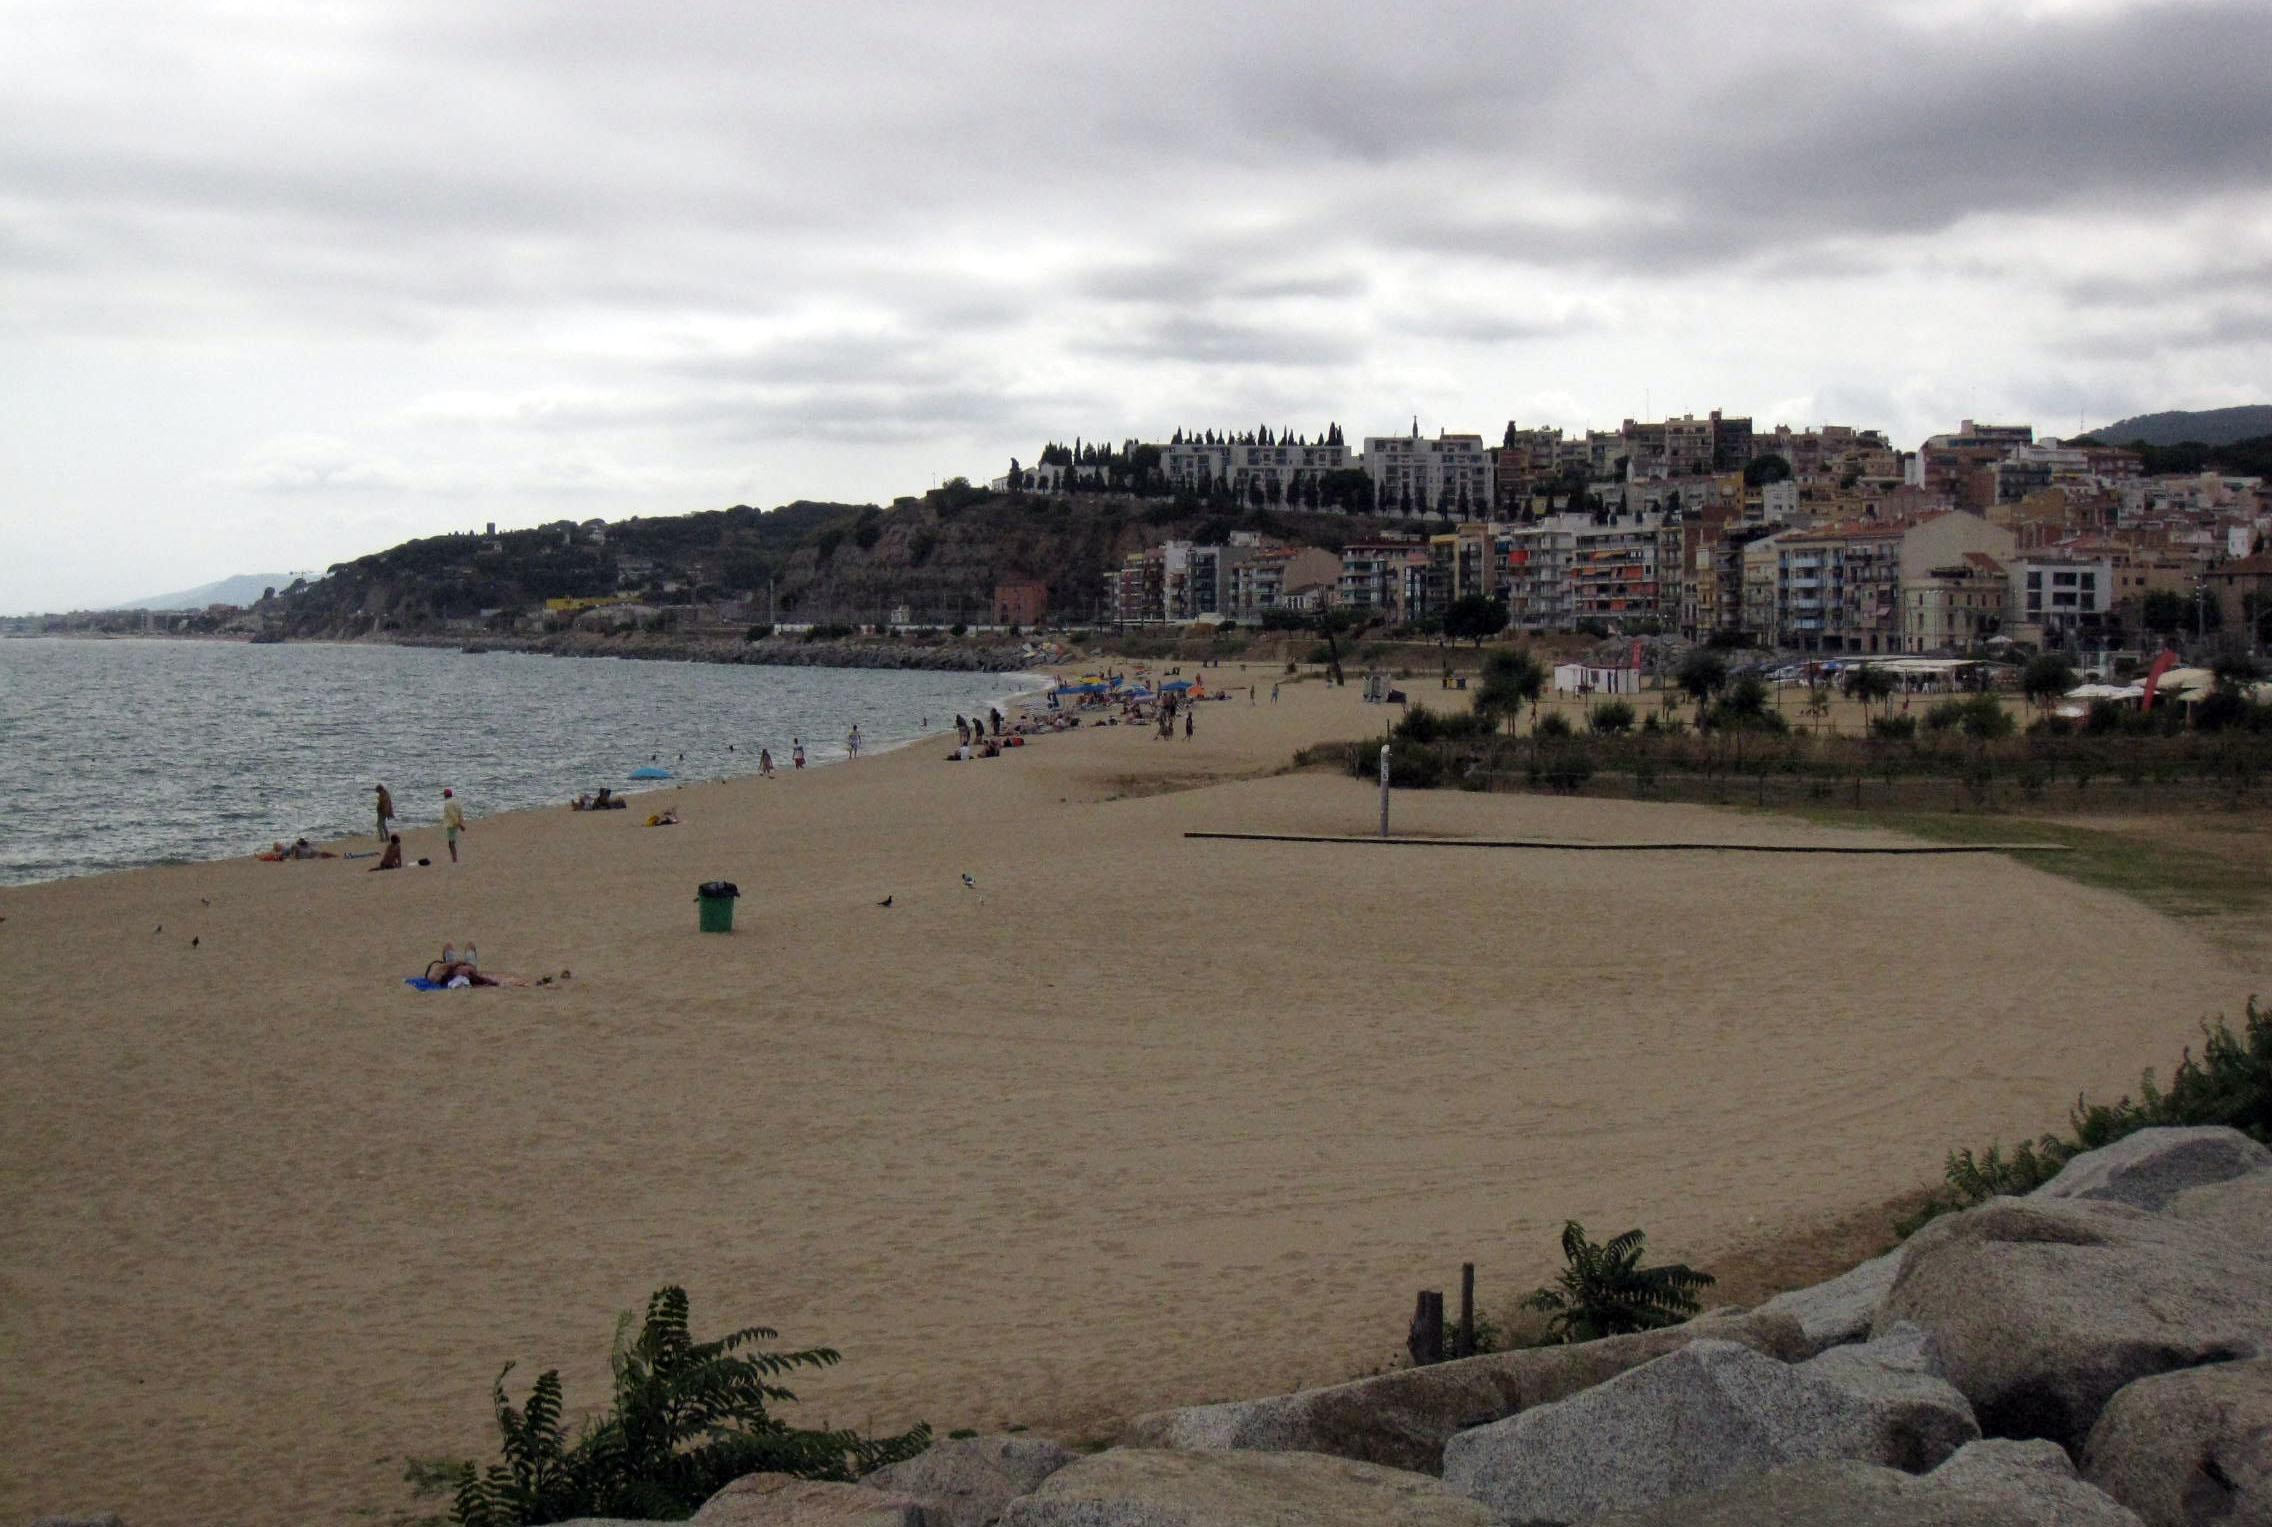 playa-que-acepta-perros-barcelona-alrededores-picordia-arenys-de-mar.jpg